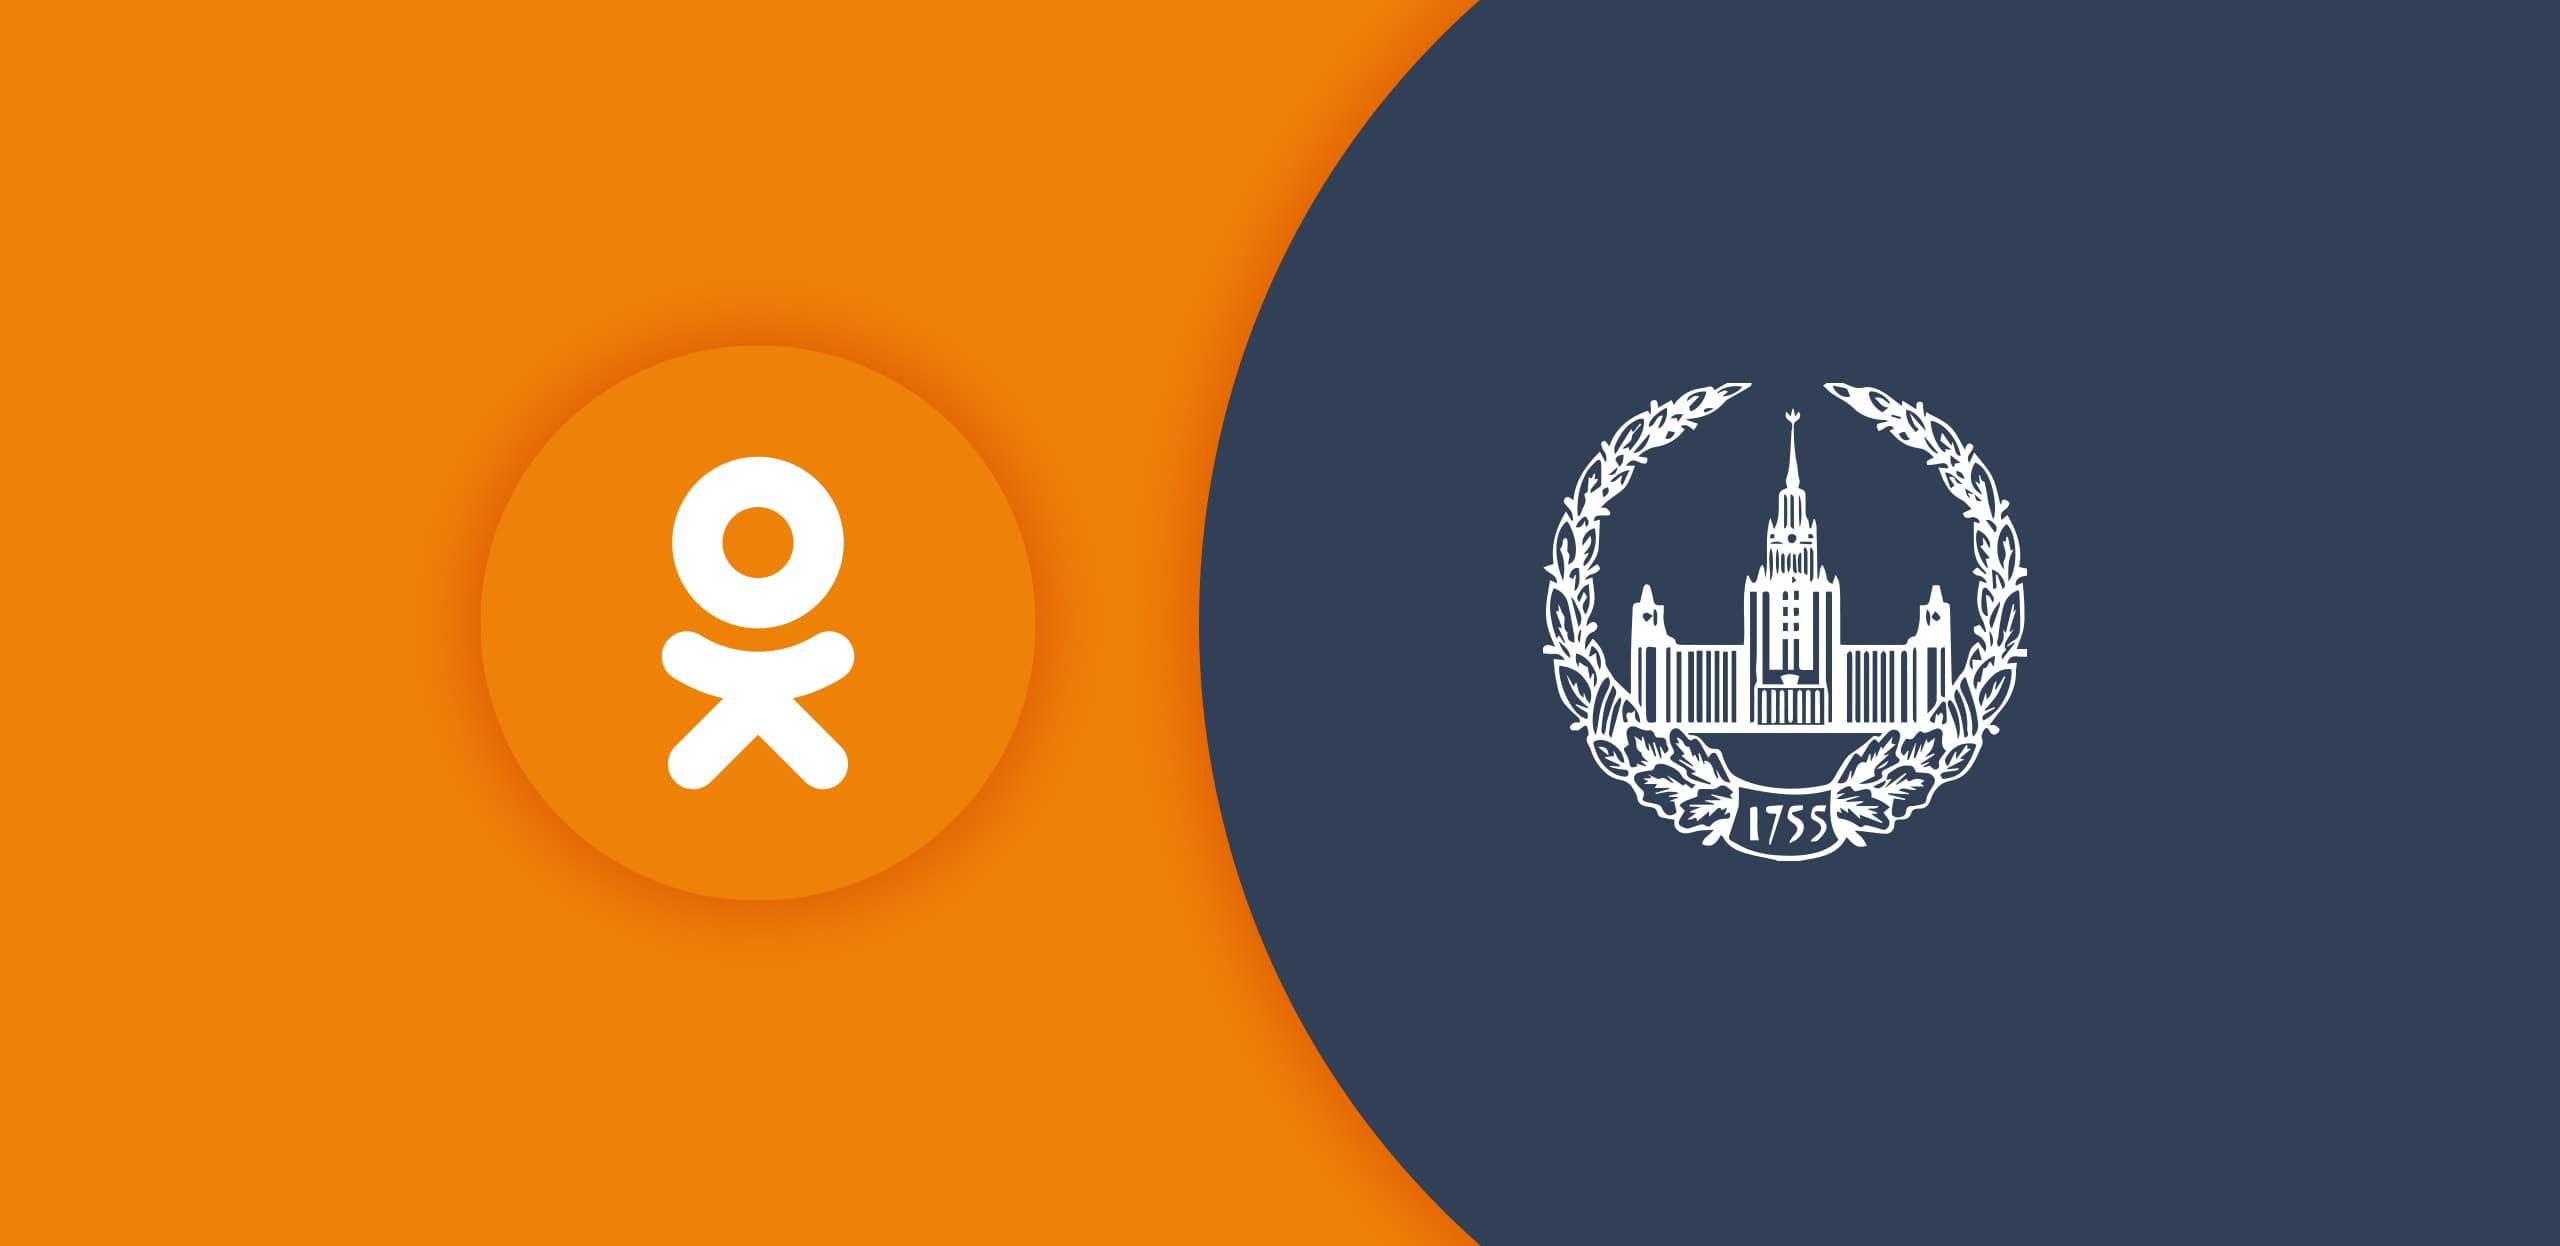 Новый проект «Сноба» и экономфака МГУ: цикл лекций молодых экономистов в соцсети Одноклассники